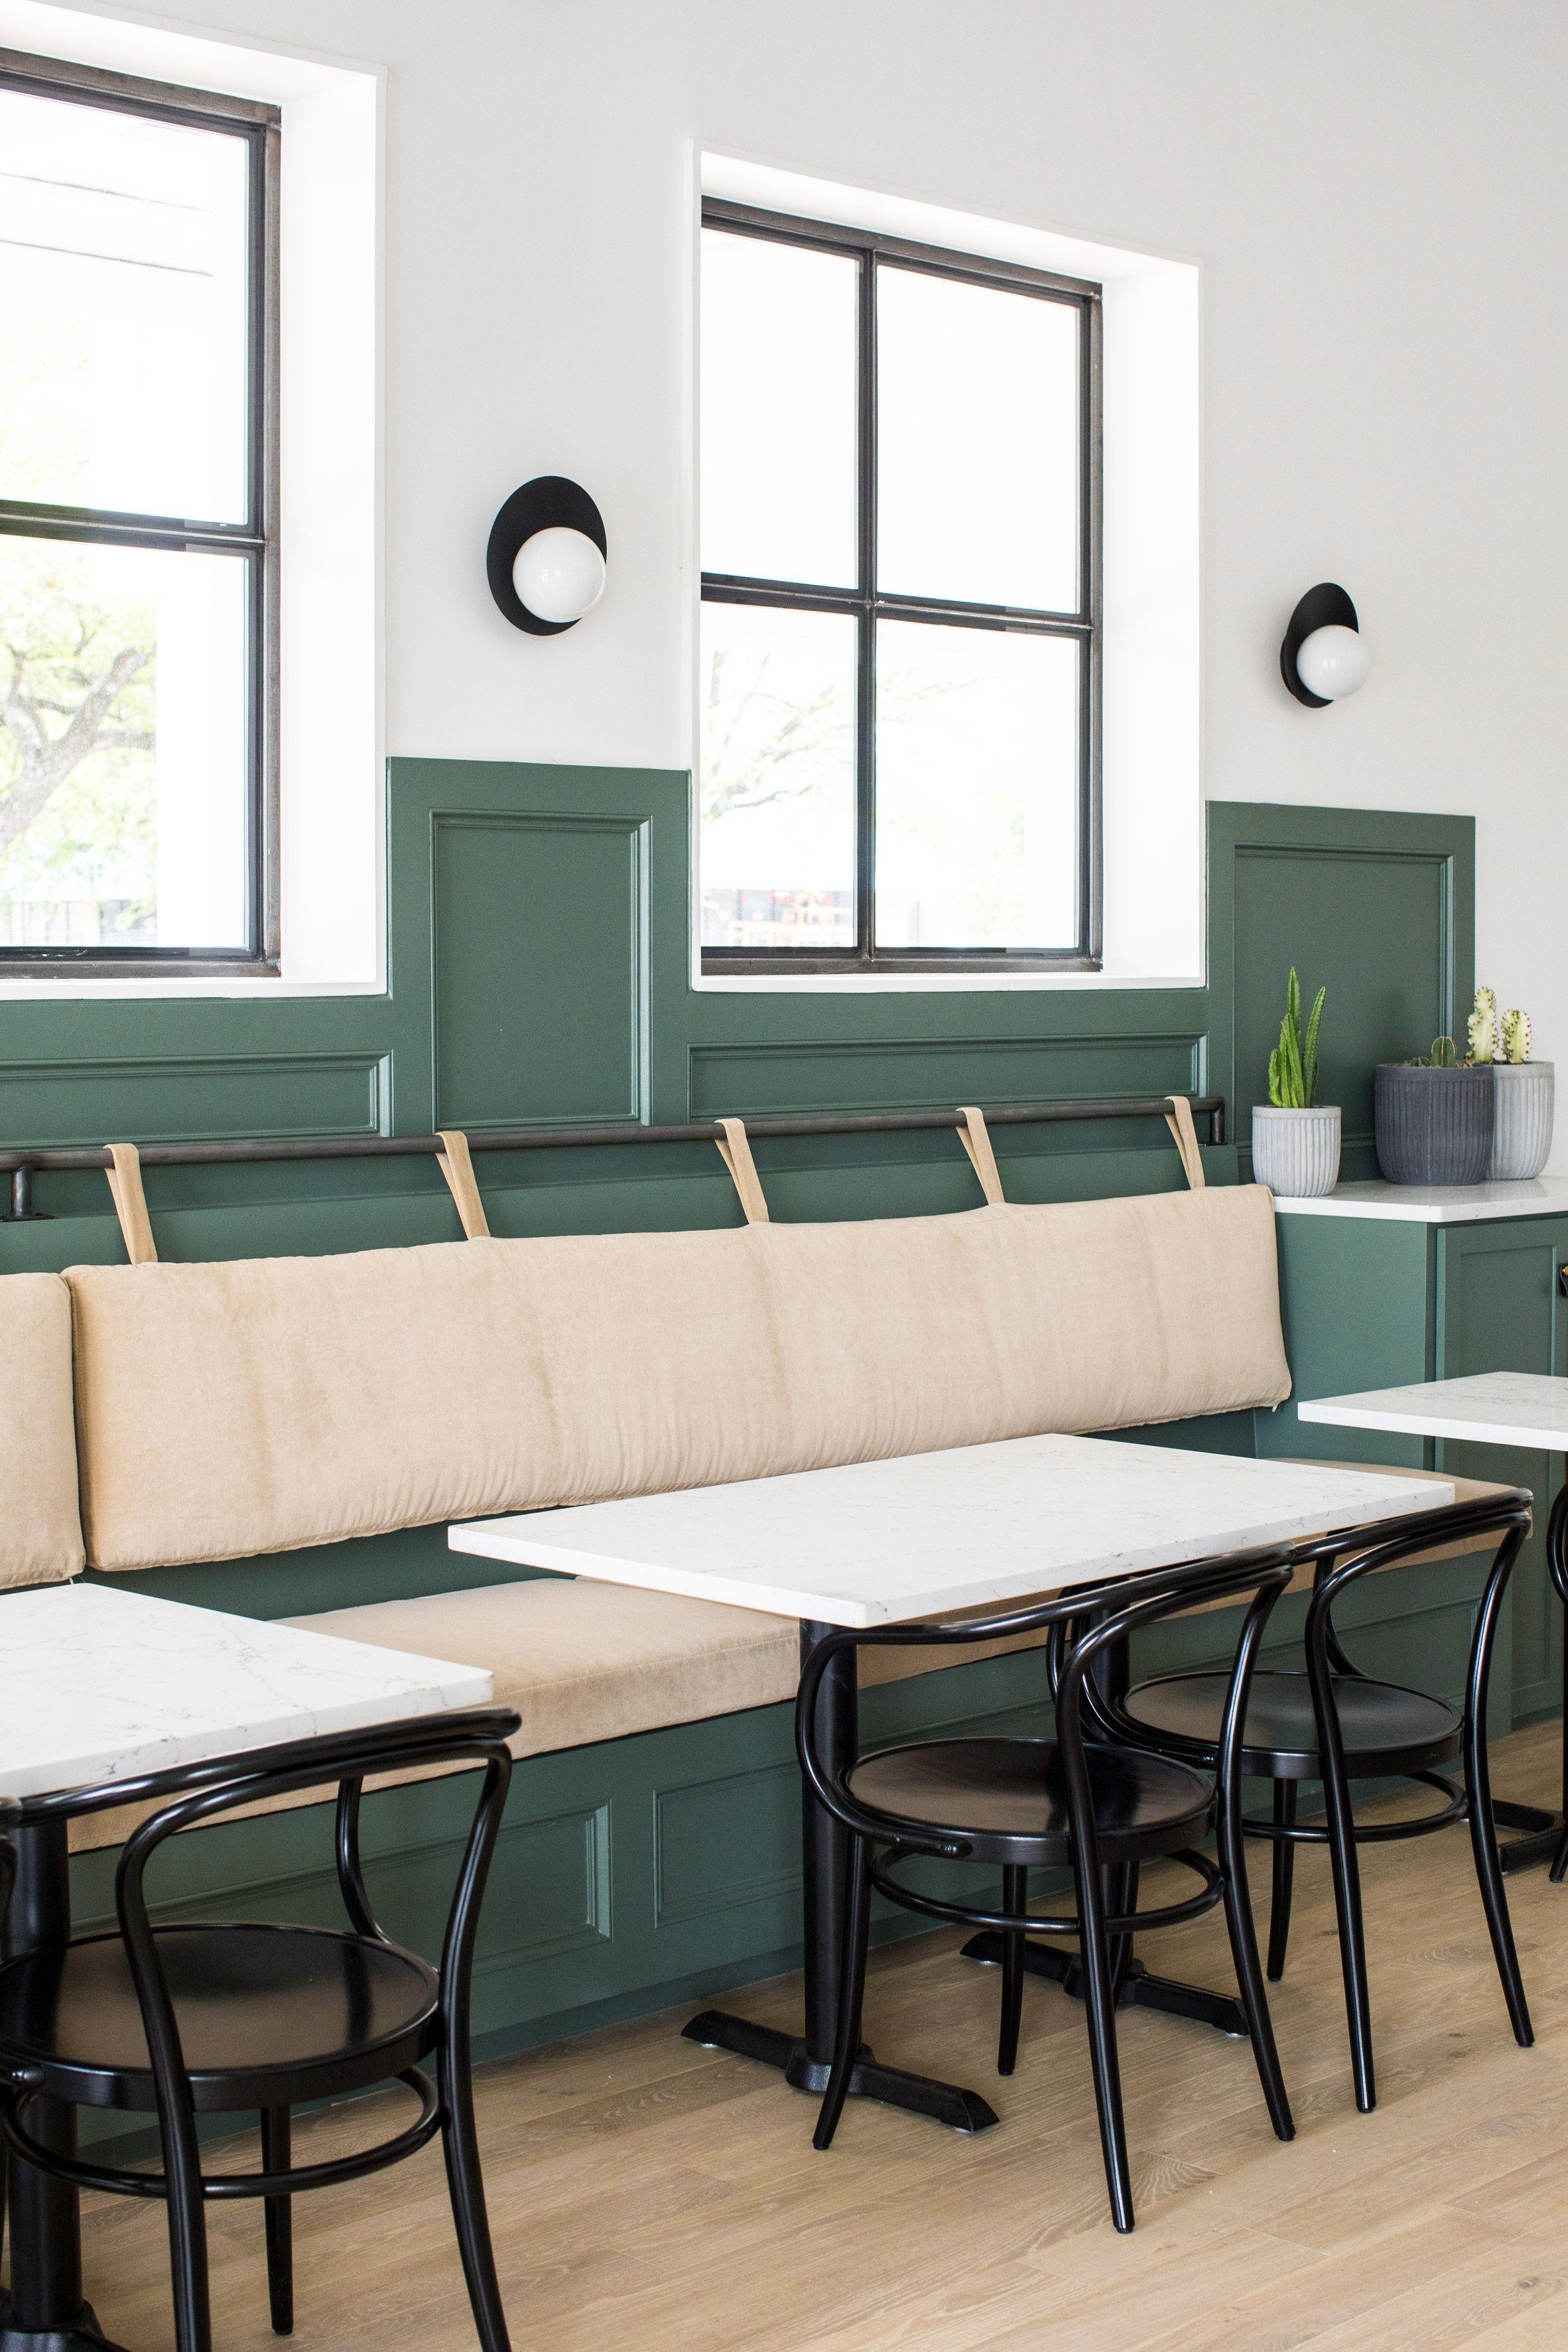 Cheap And Easy Diy Ideas: Modern Minimalist Bedroom Storage Minimalist Interior Design Blue.Minimal… | Interior, Minimalist Home Interior, Minimalist Kitchen Design